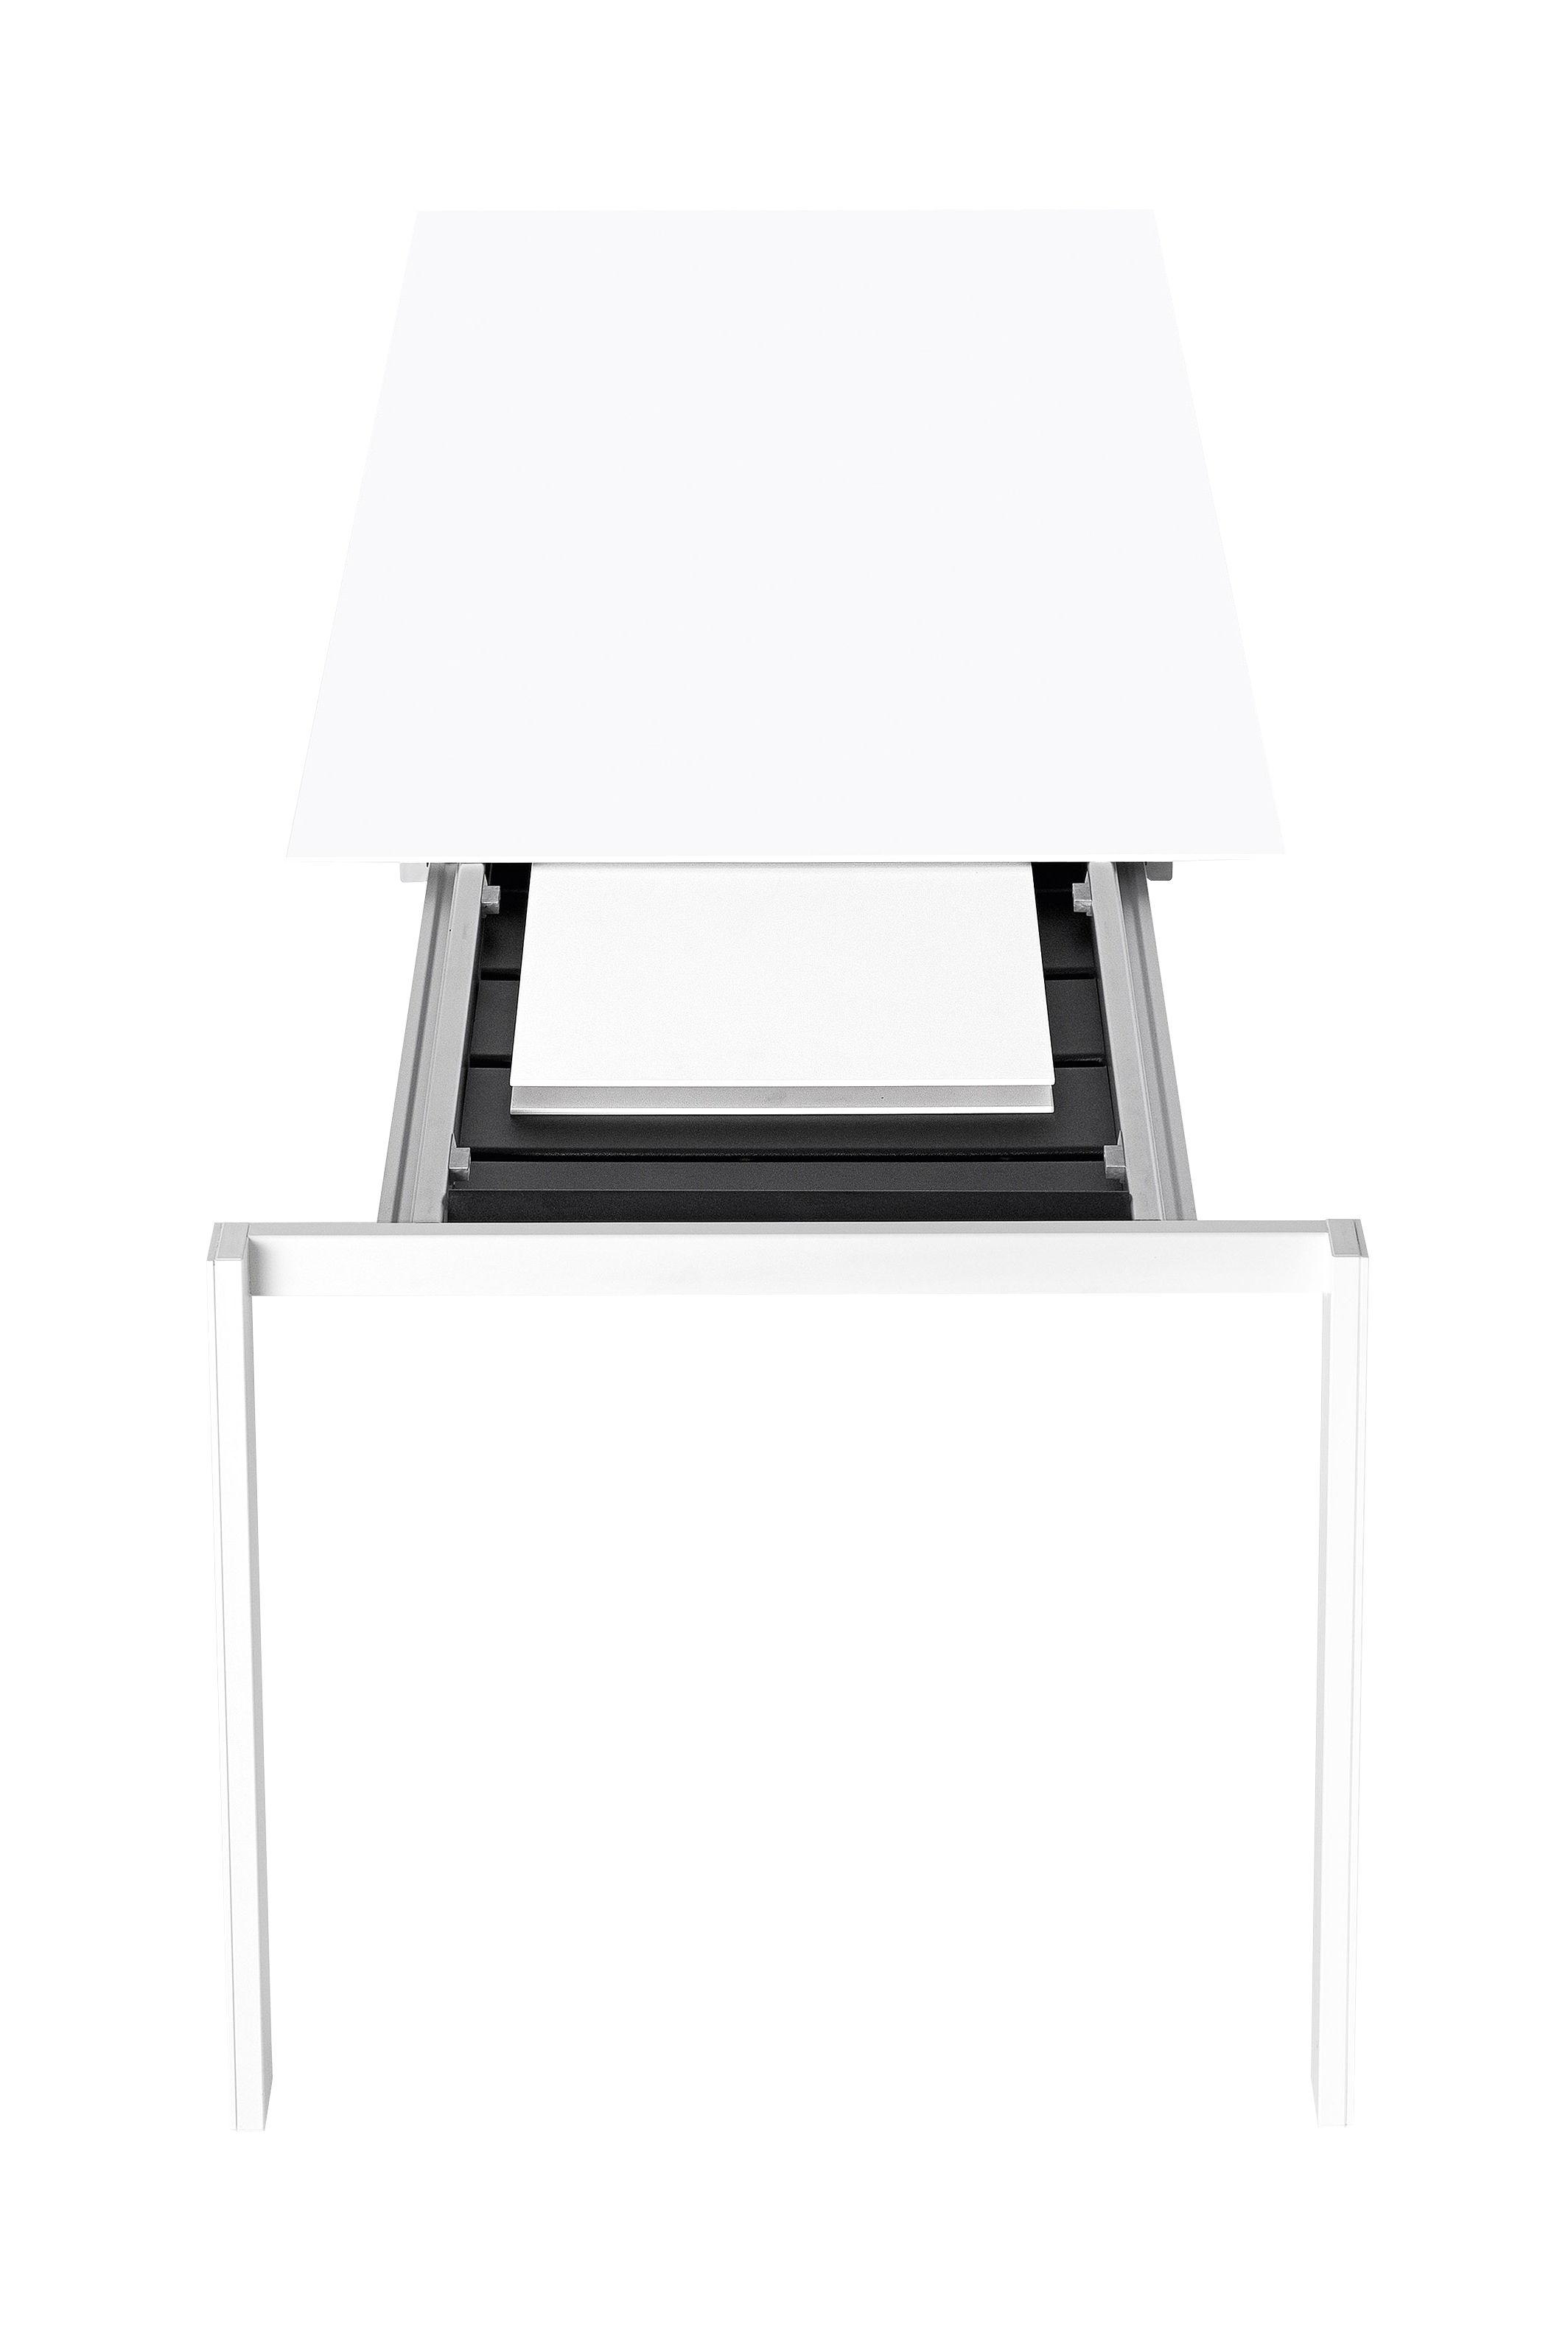 Outdoor - Tische - Thin-K Ausziehtisch / outdoorgeeignet - L 123 bis 203 cm - Kristalia - Aluminium / weiß - eloxiertes Aluminium, lackierter Stahl, lackiertes Aluminium